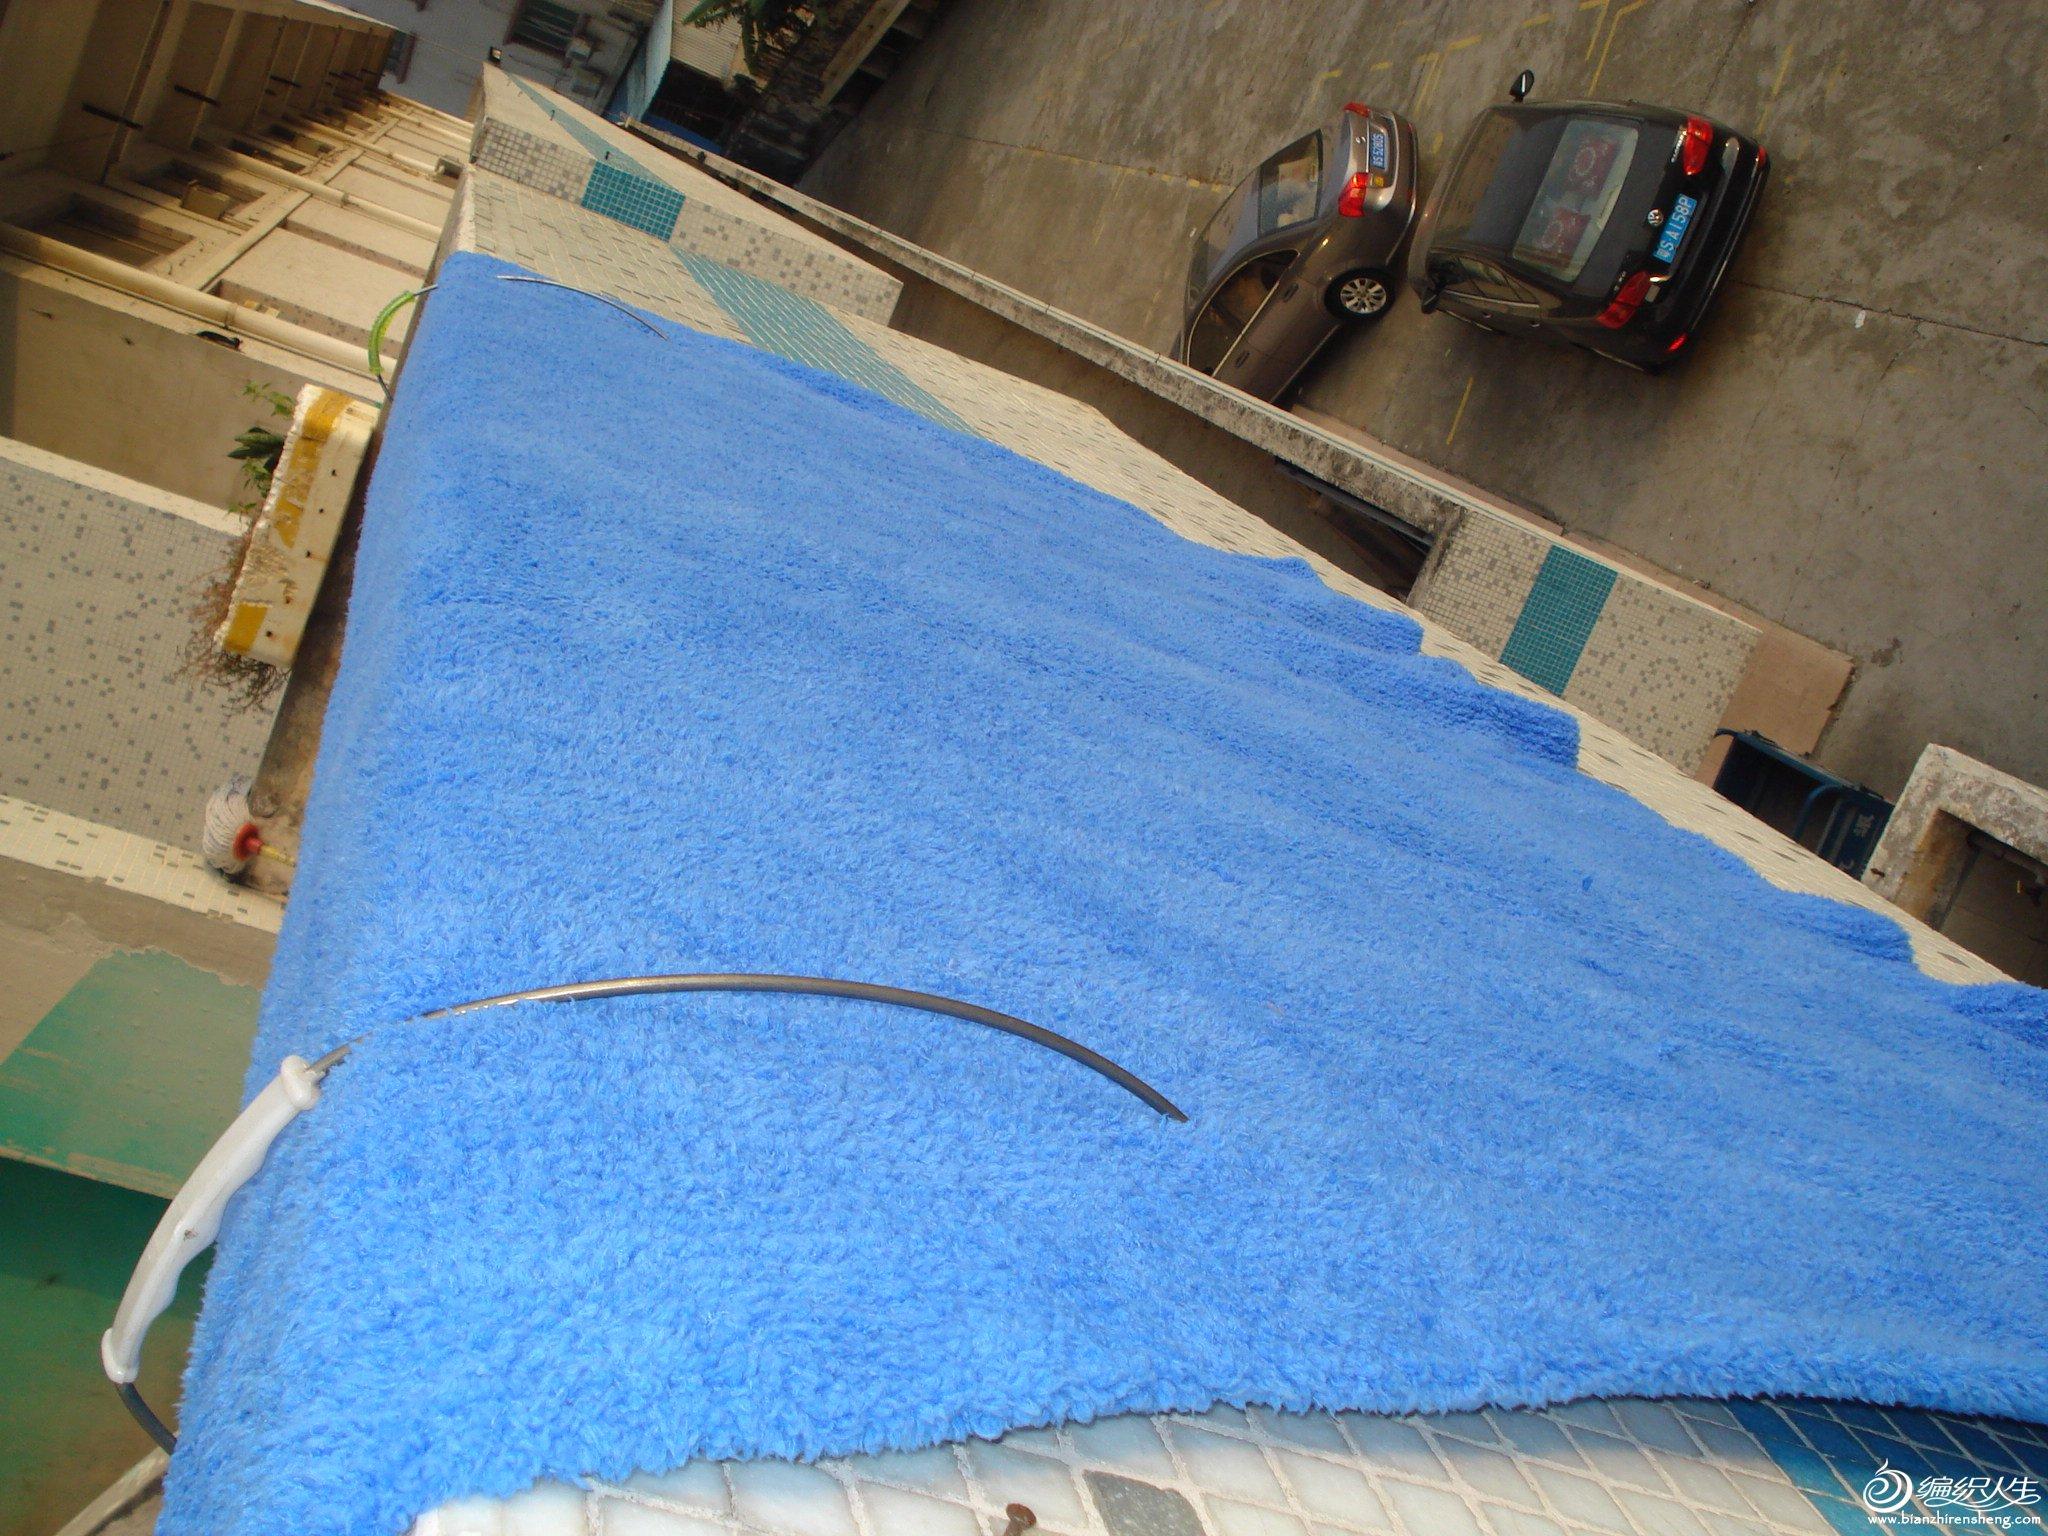 蓝色毛巾毯